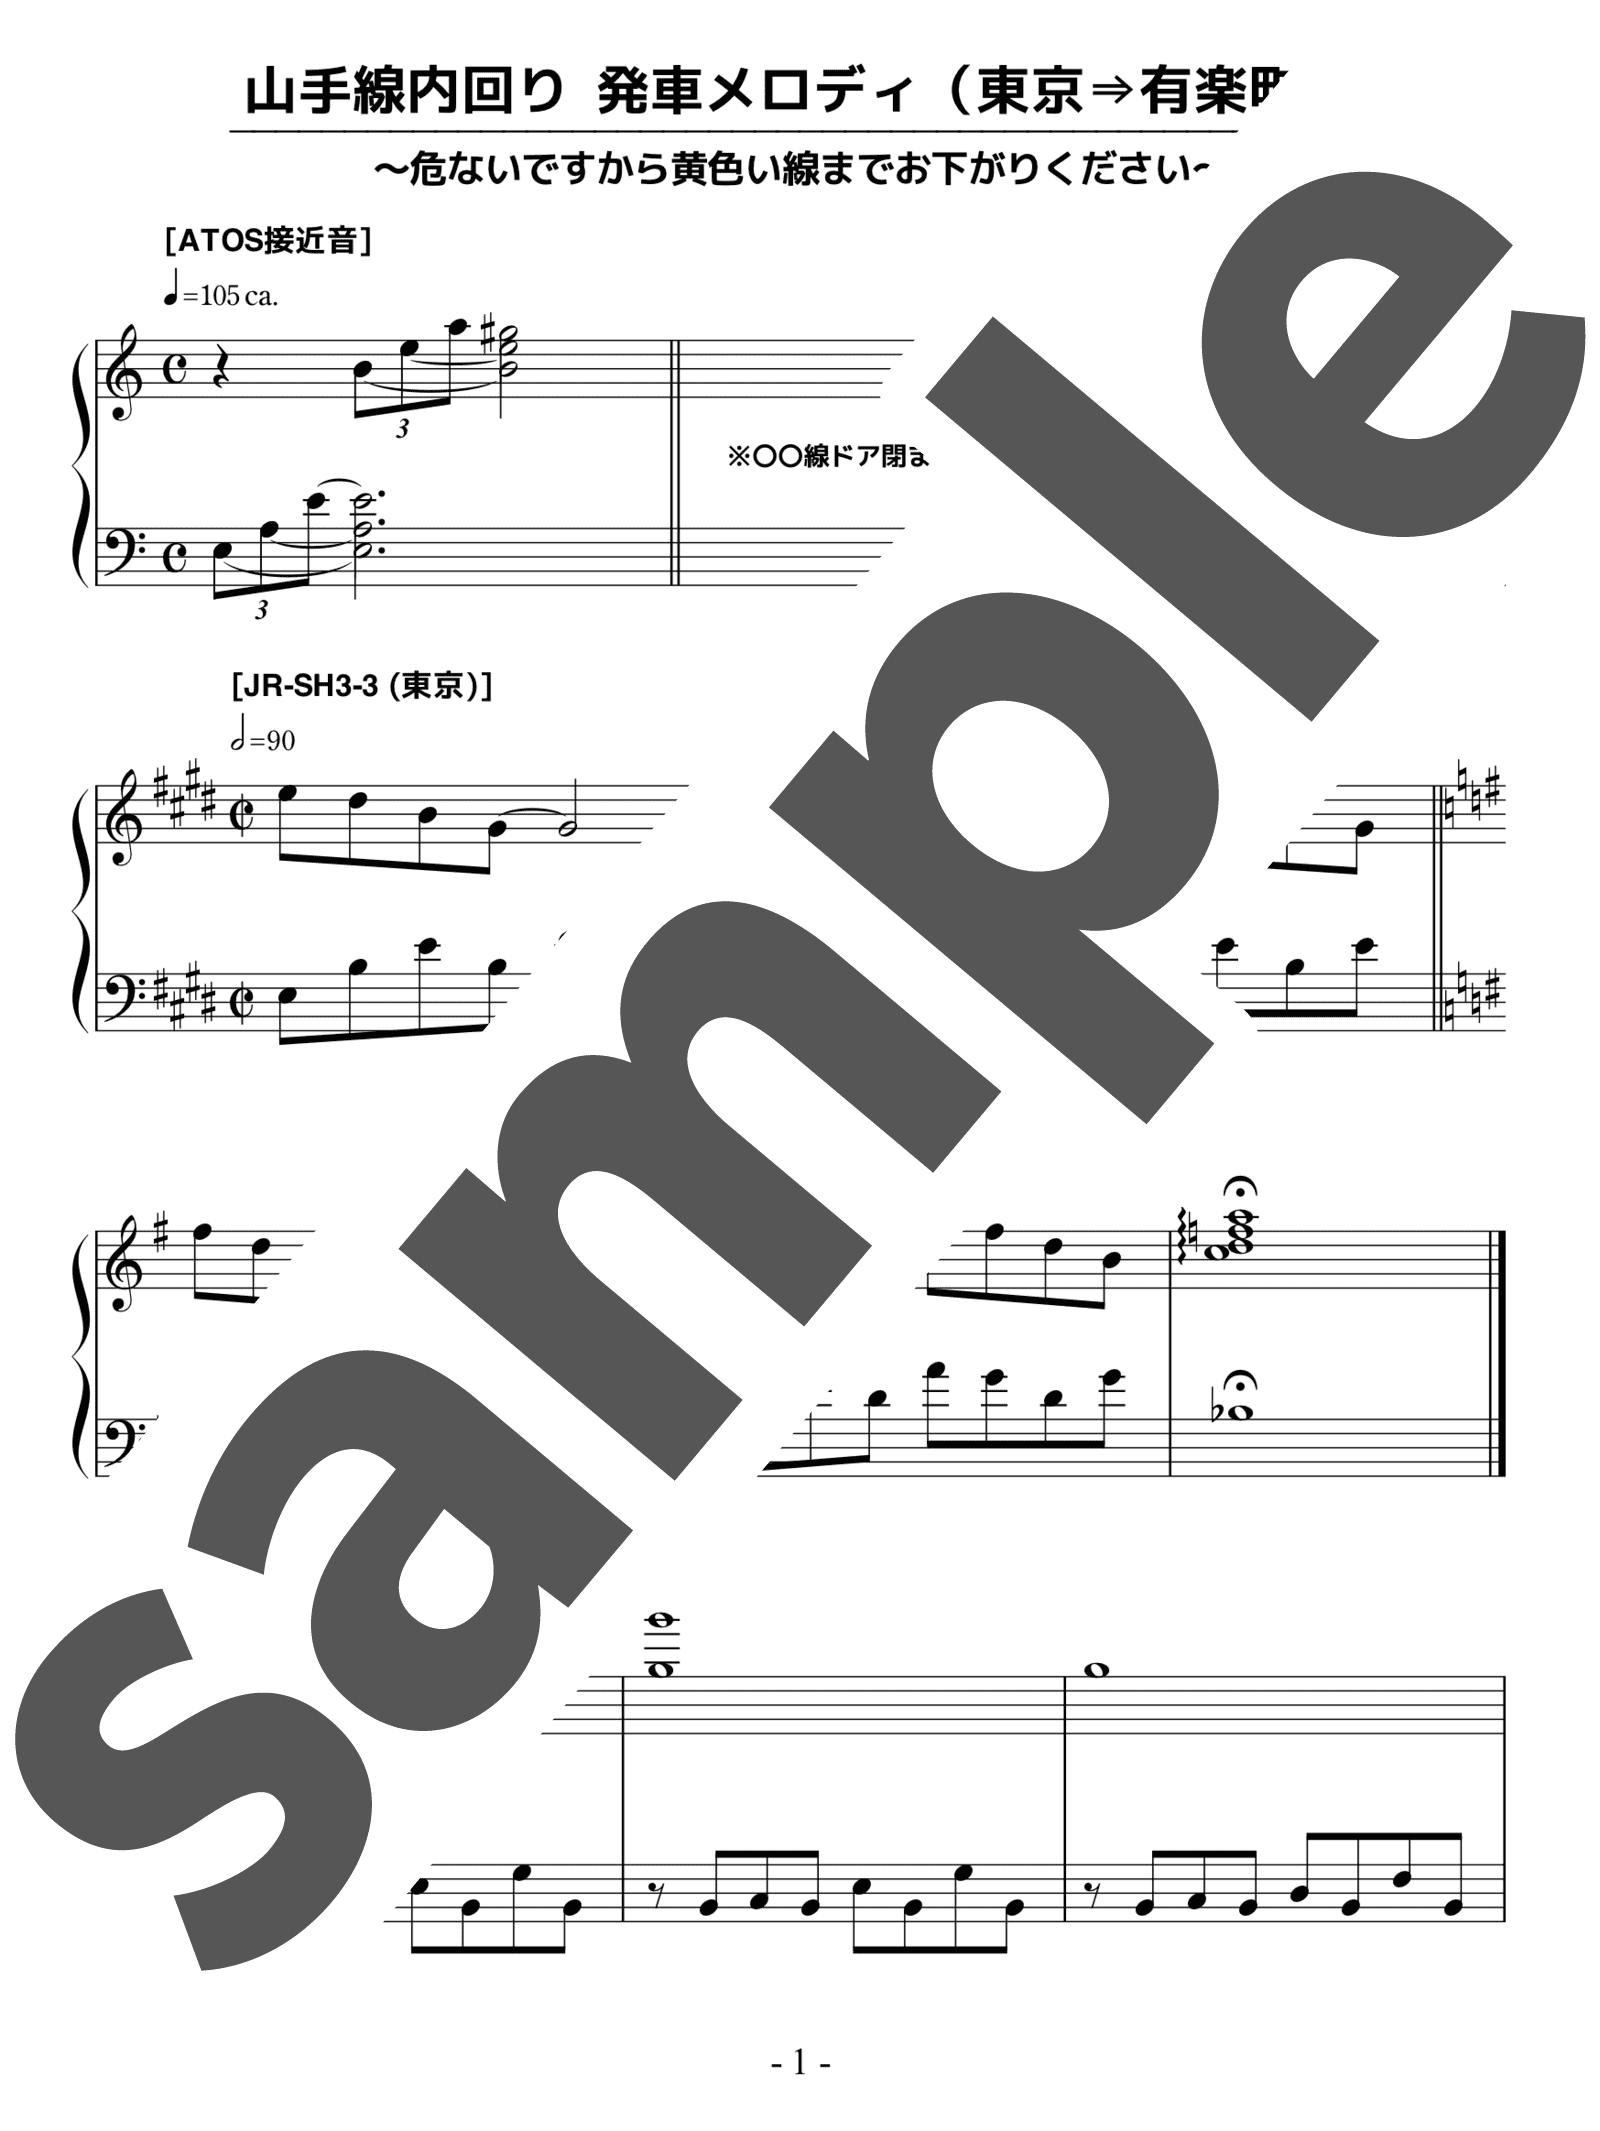 「山手線内回り 発車メロディ」のサンプル楽譜